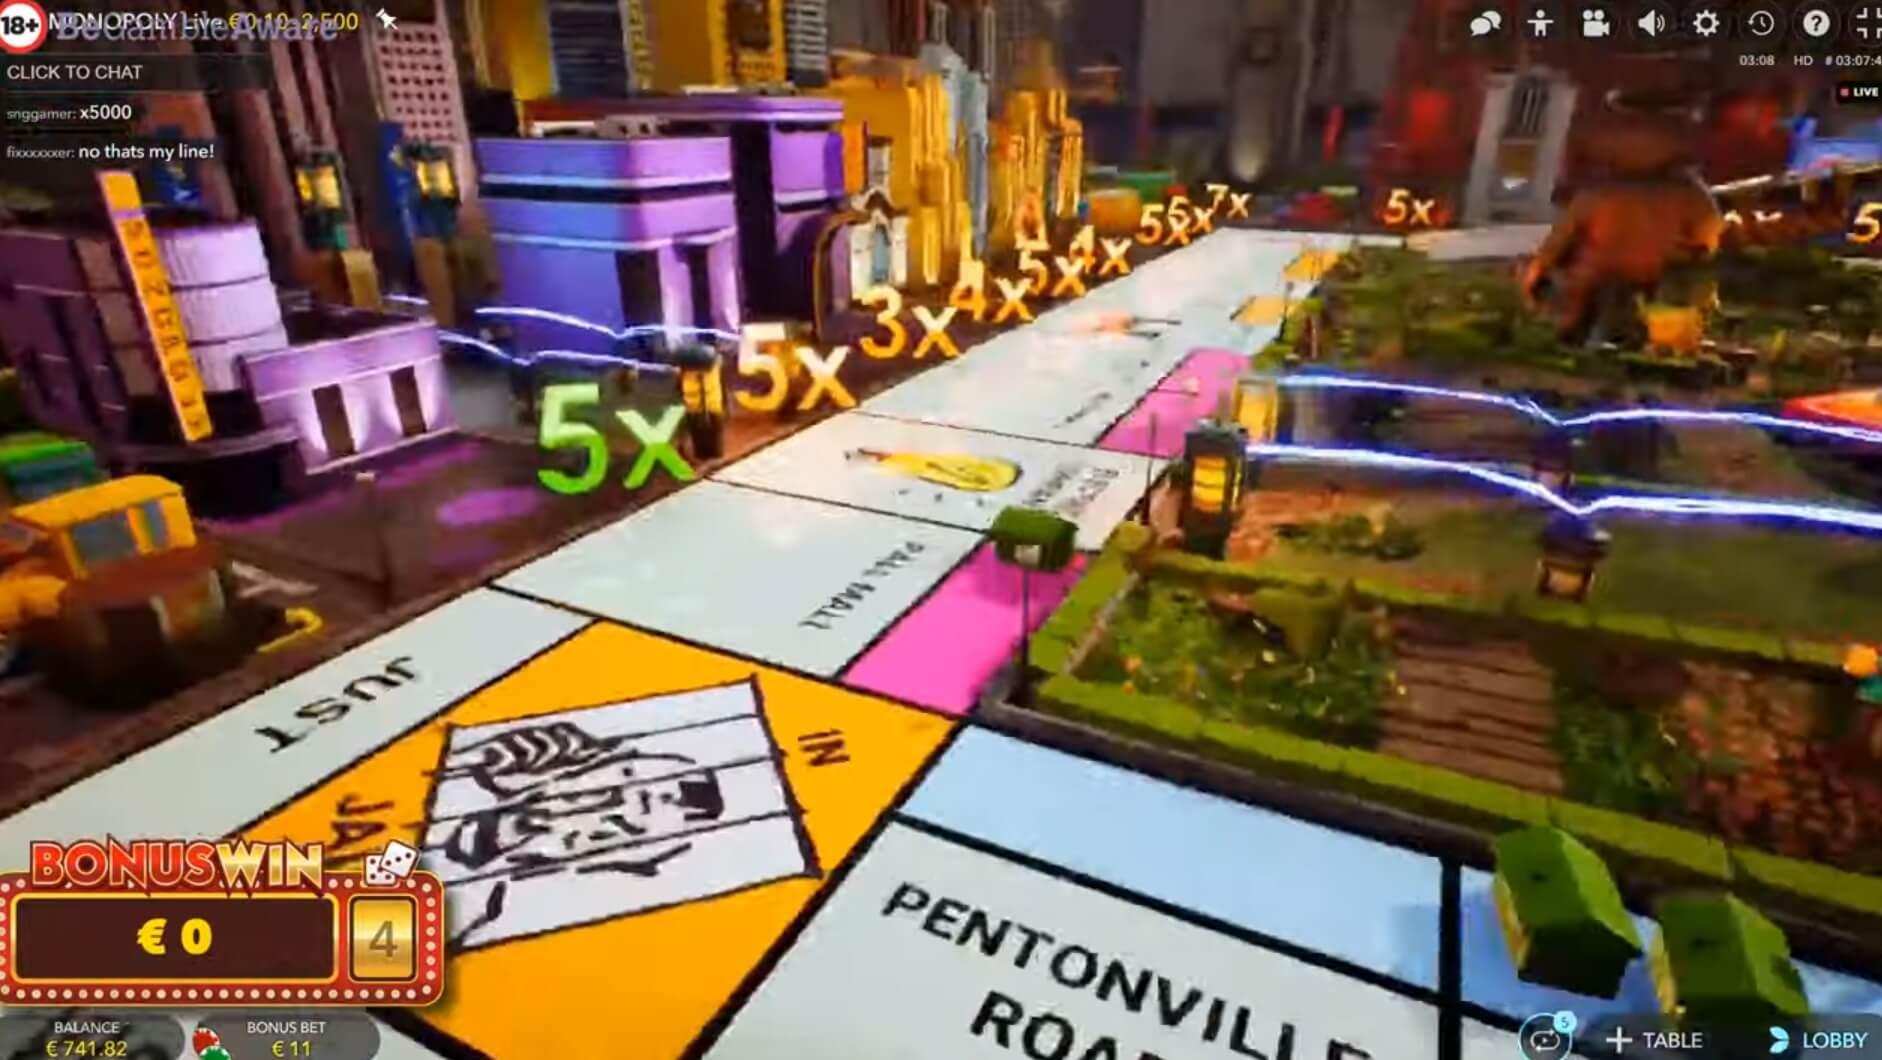 Více informací o hře Monopoly Live